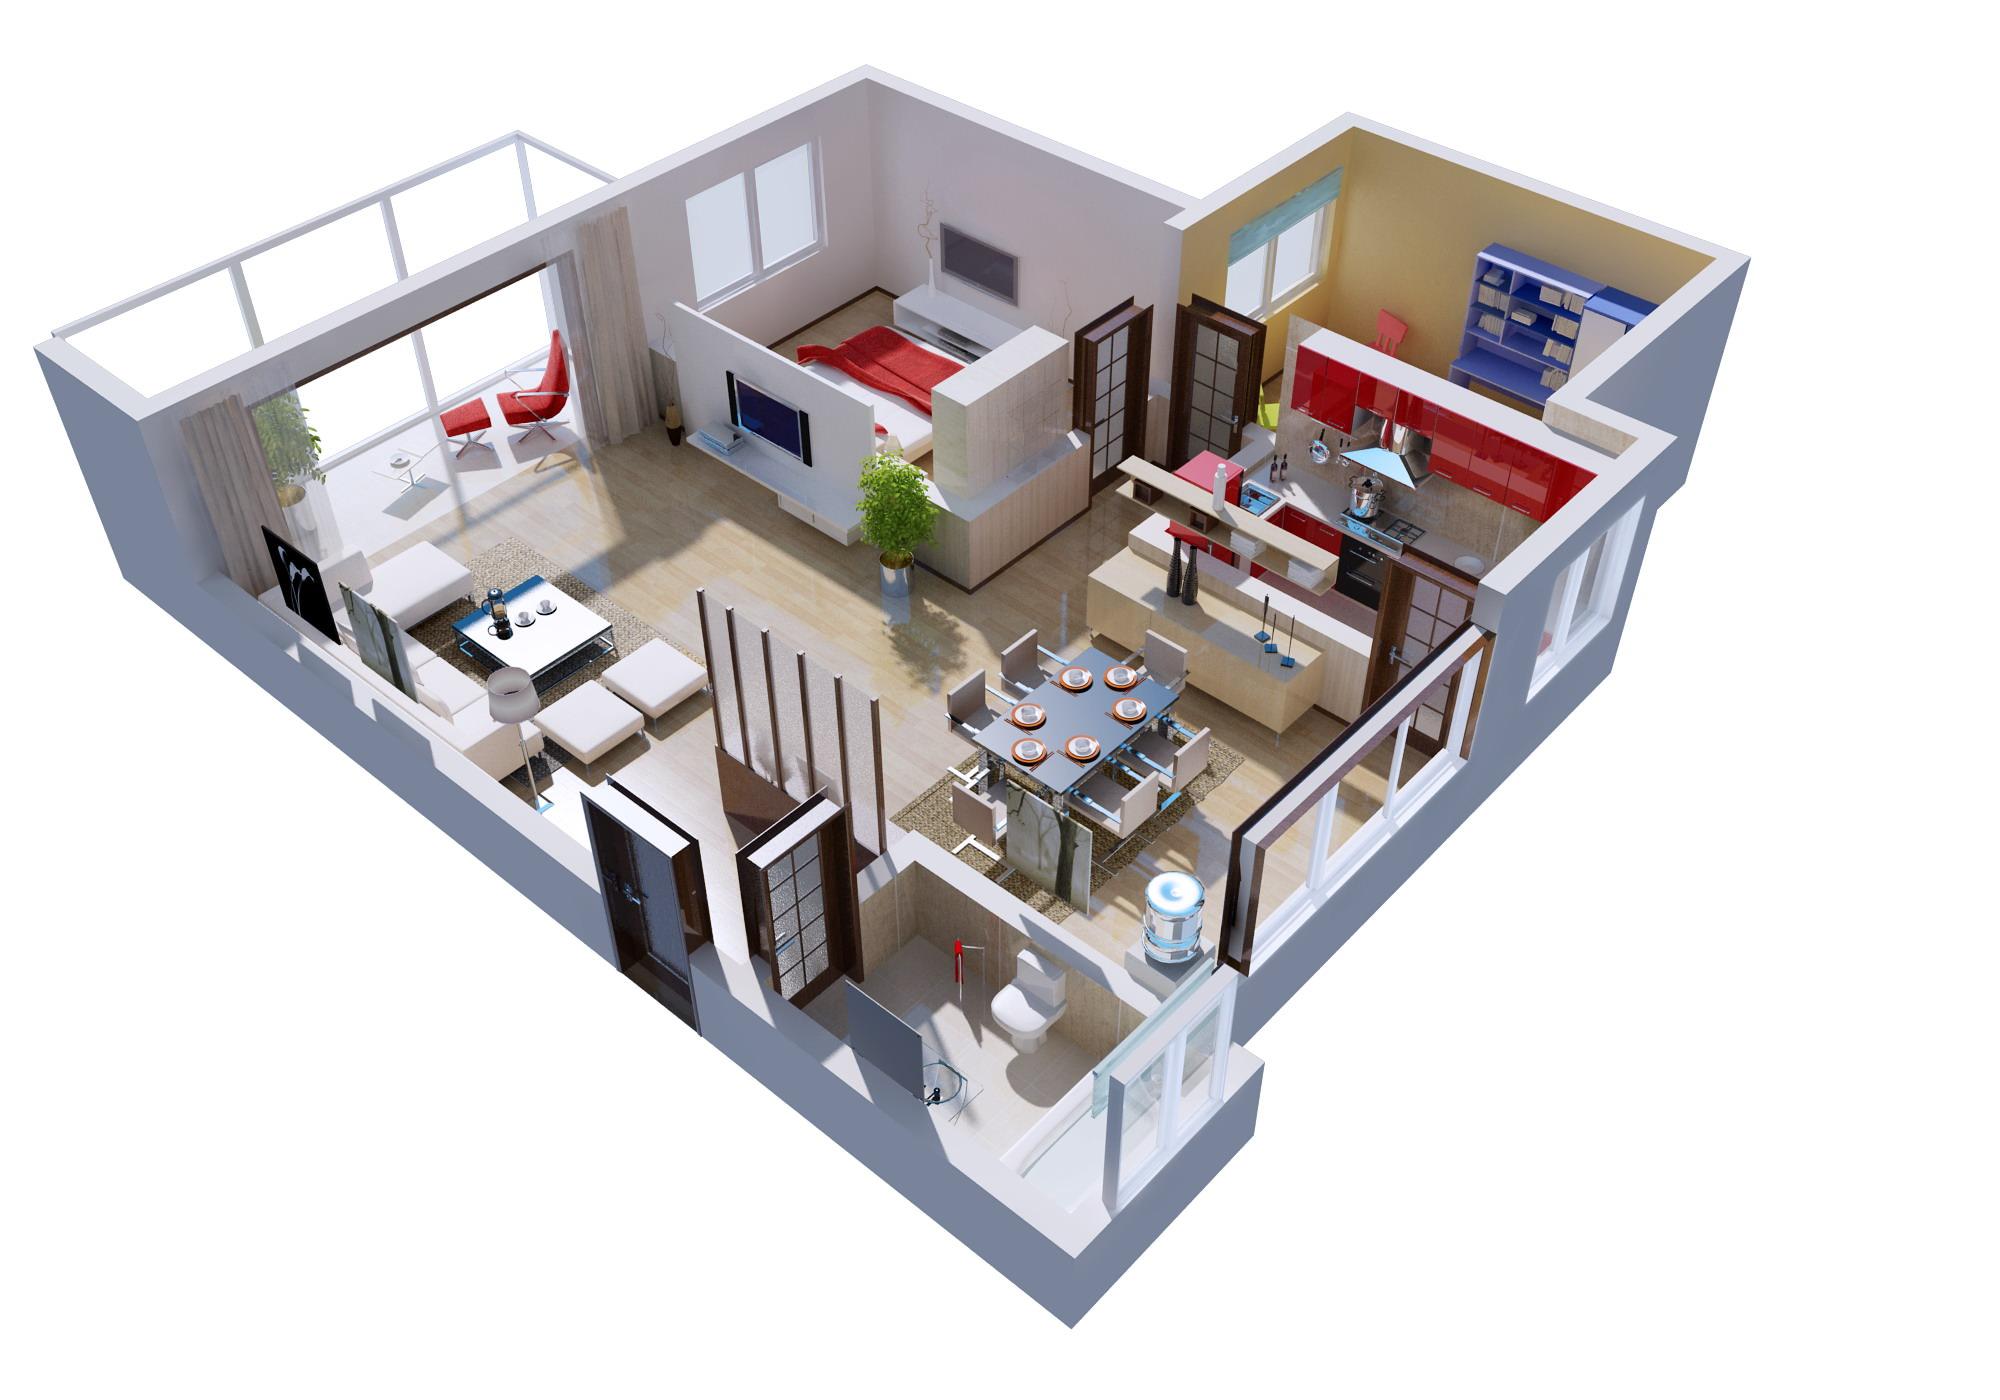 Posh House Interior 3d Model Max Fbx 1 ...